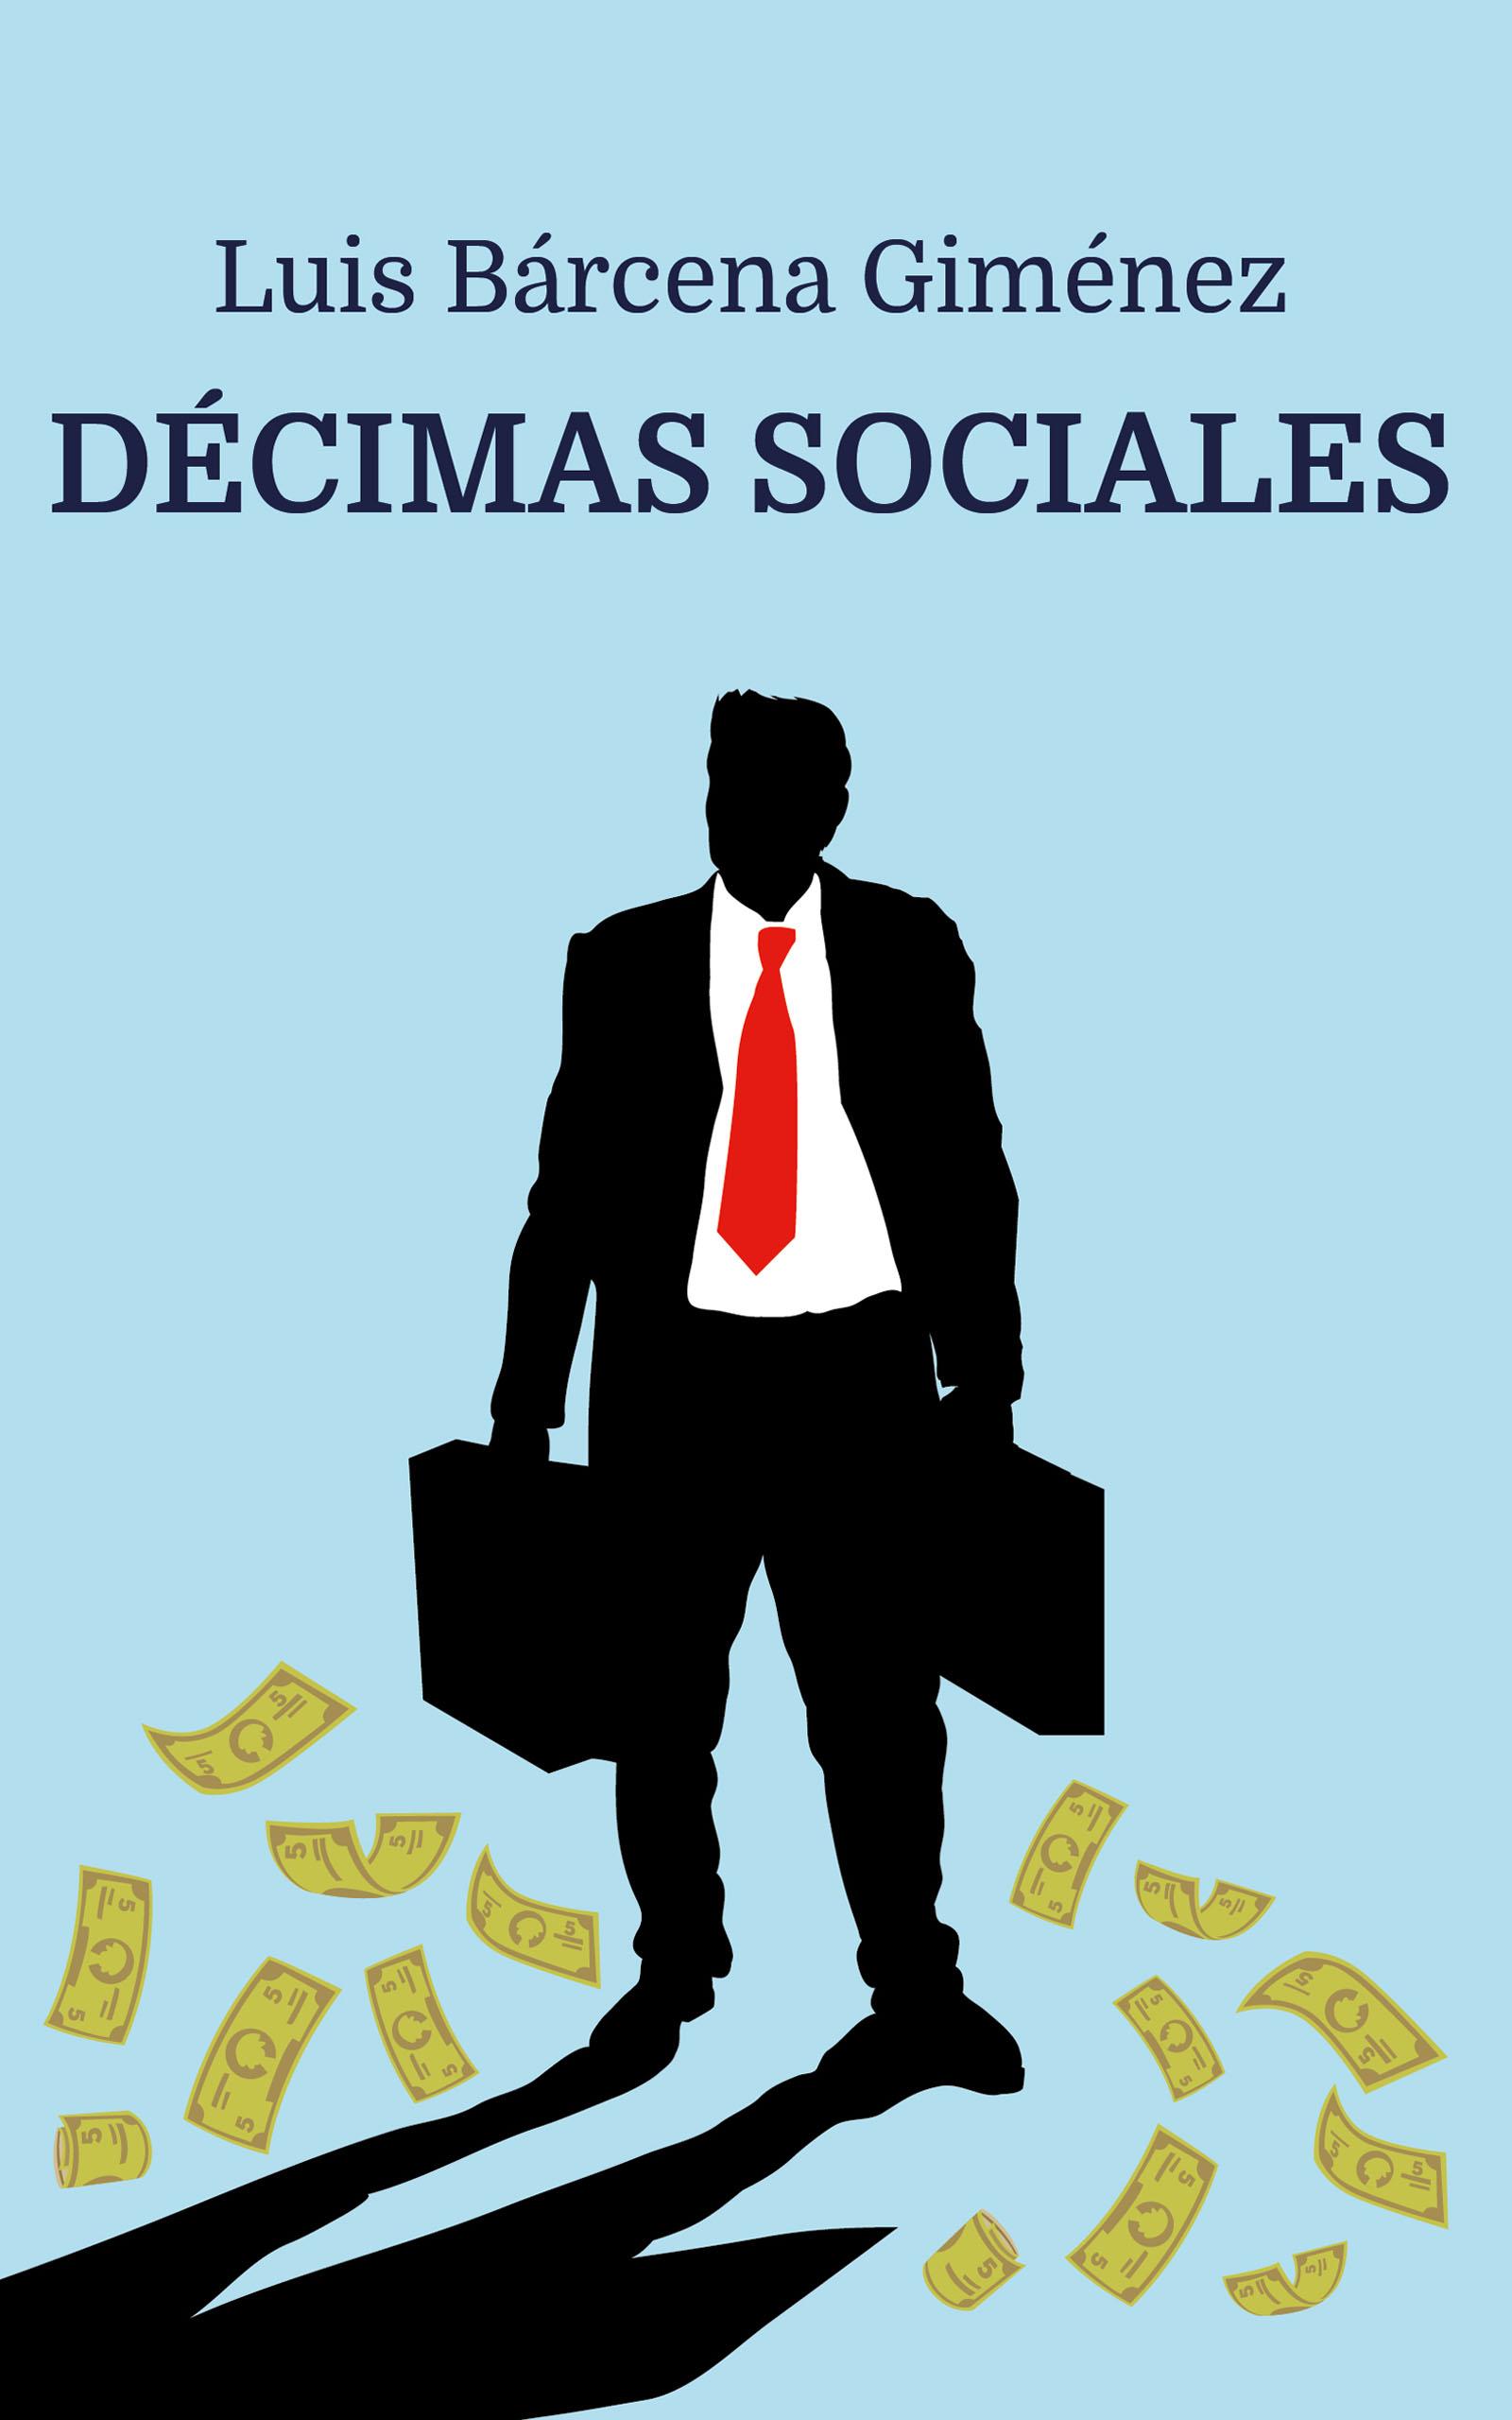 Decimas sociales